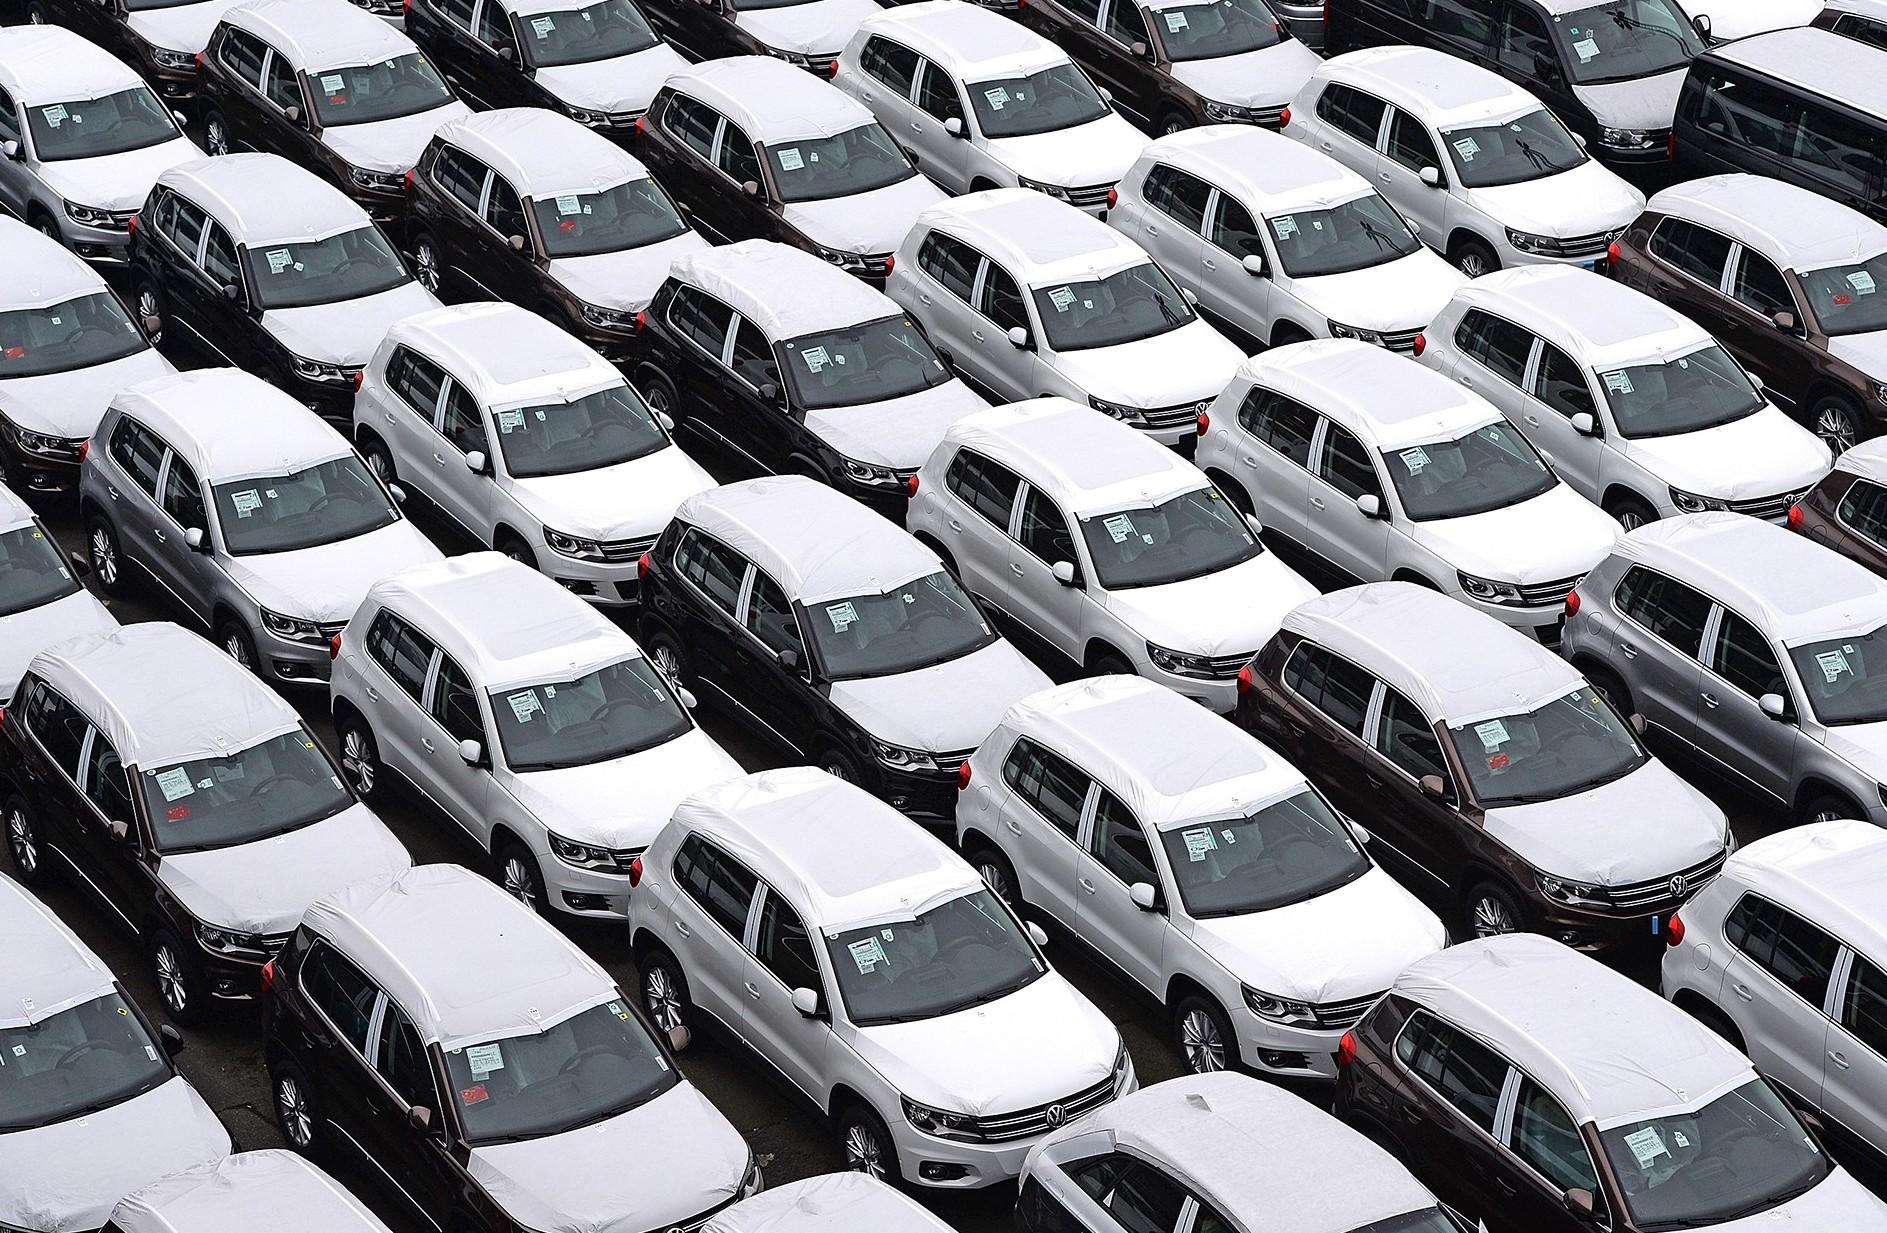 Auto usate migliori da comprare secondo